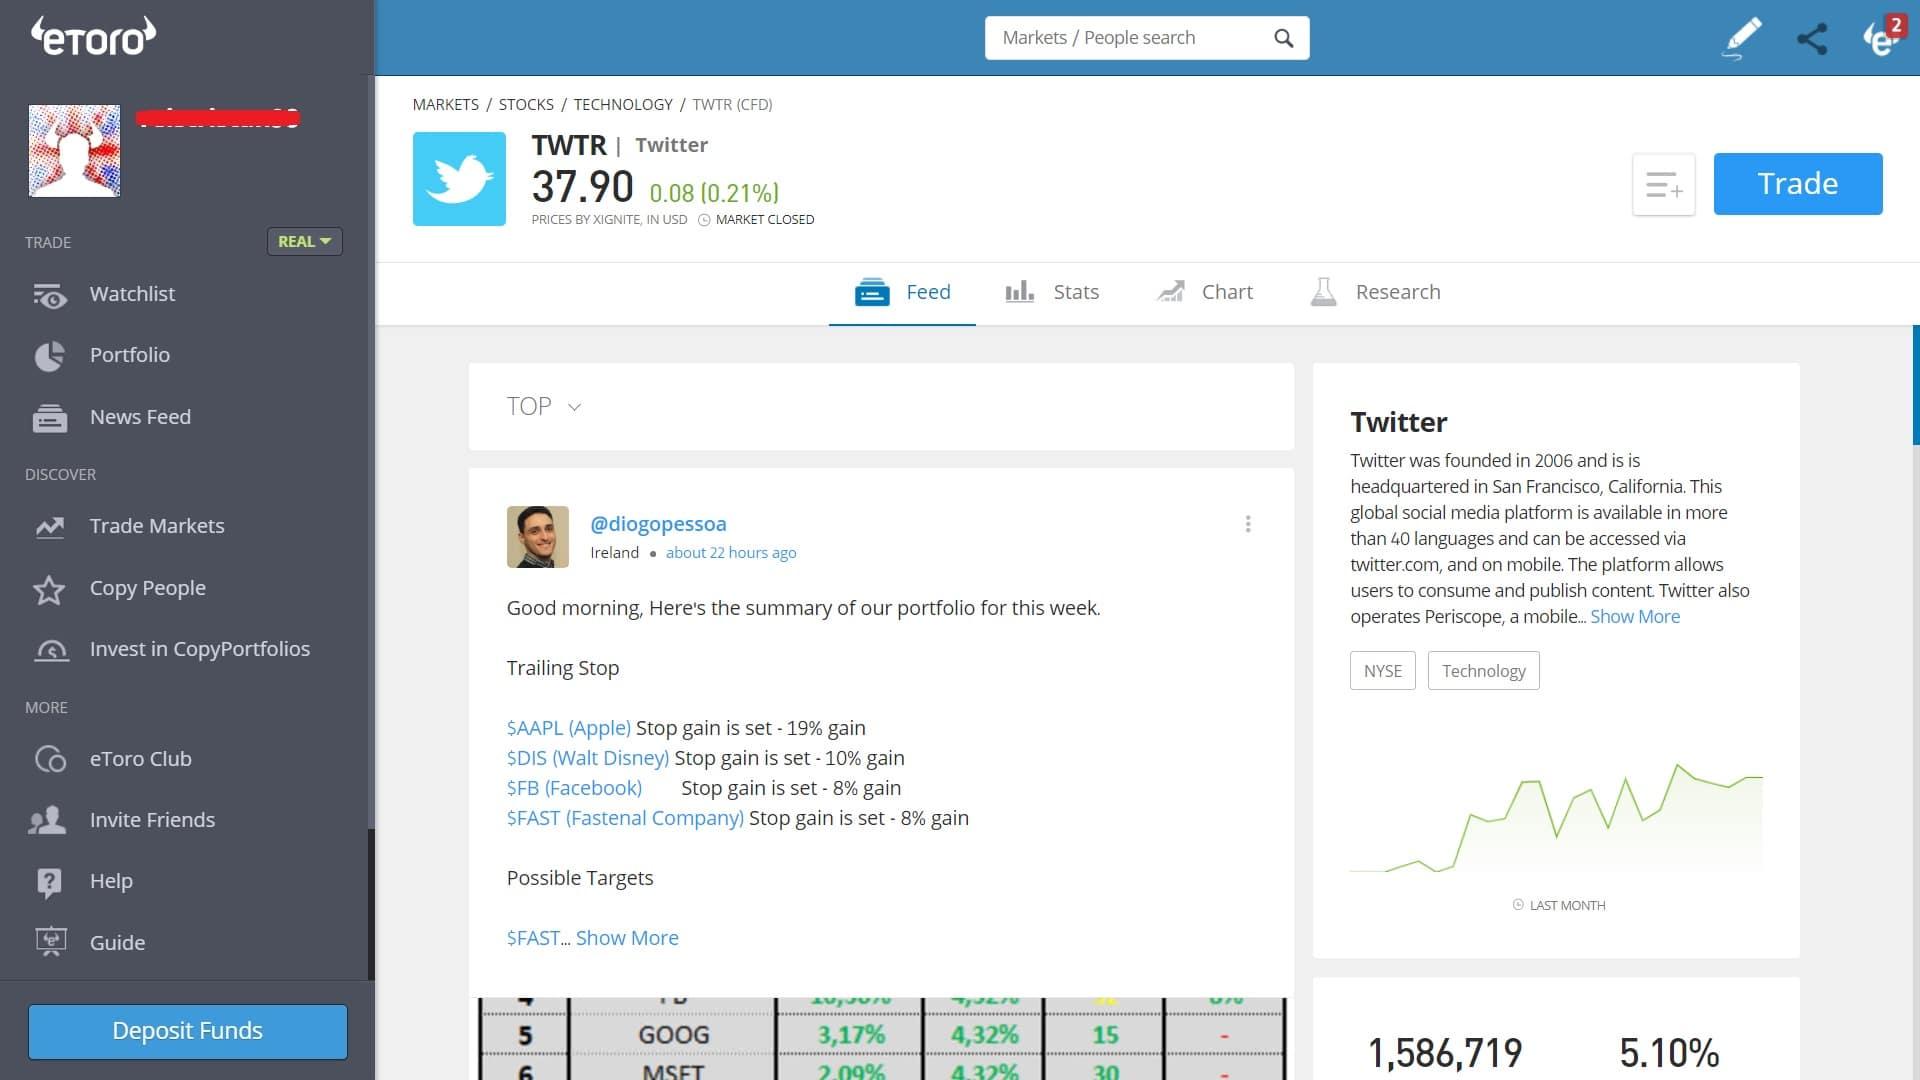 Twitter stock trading on eToro's platform